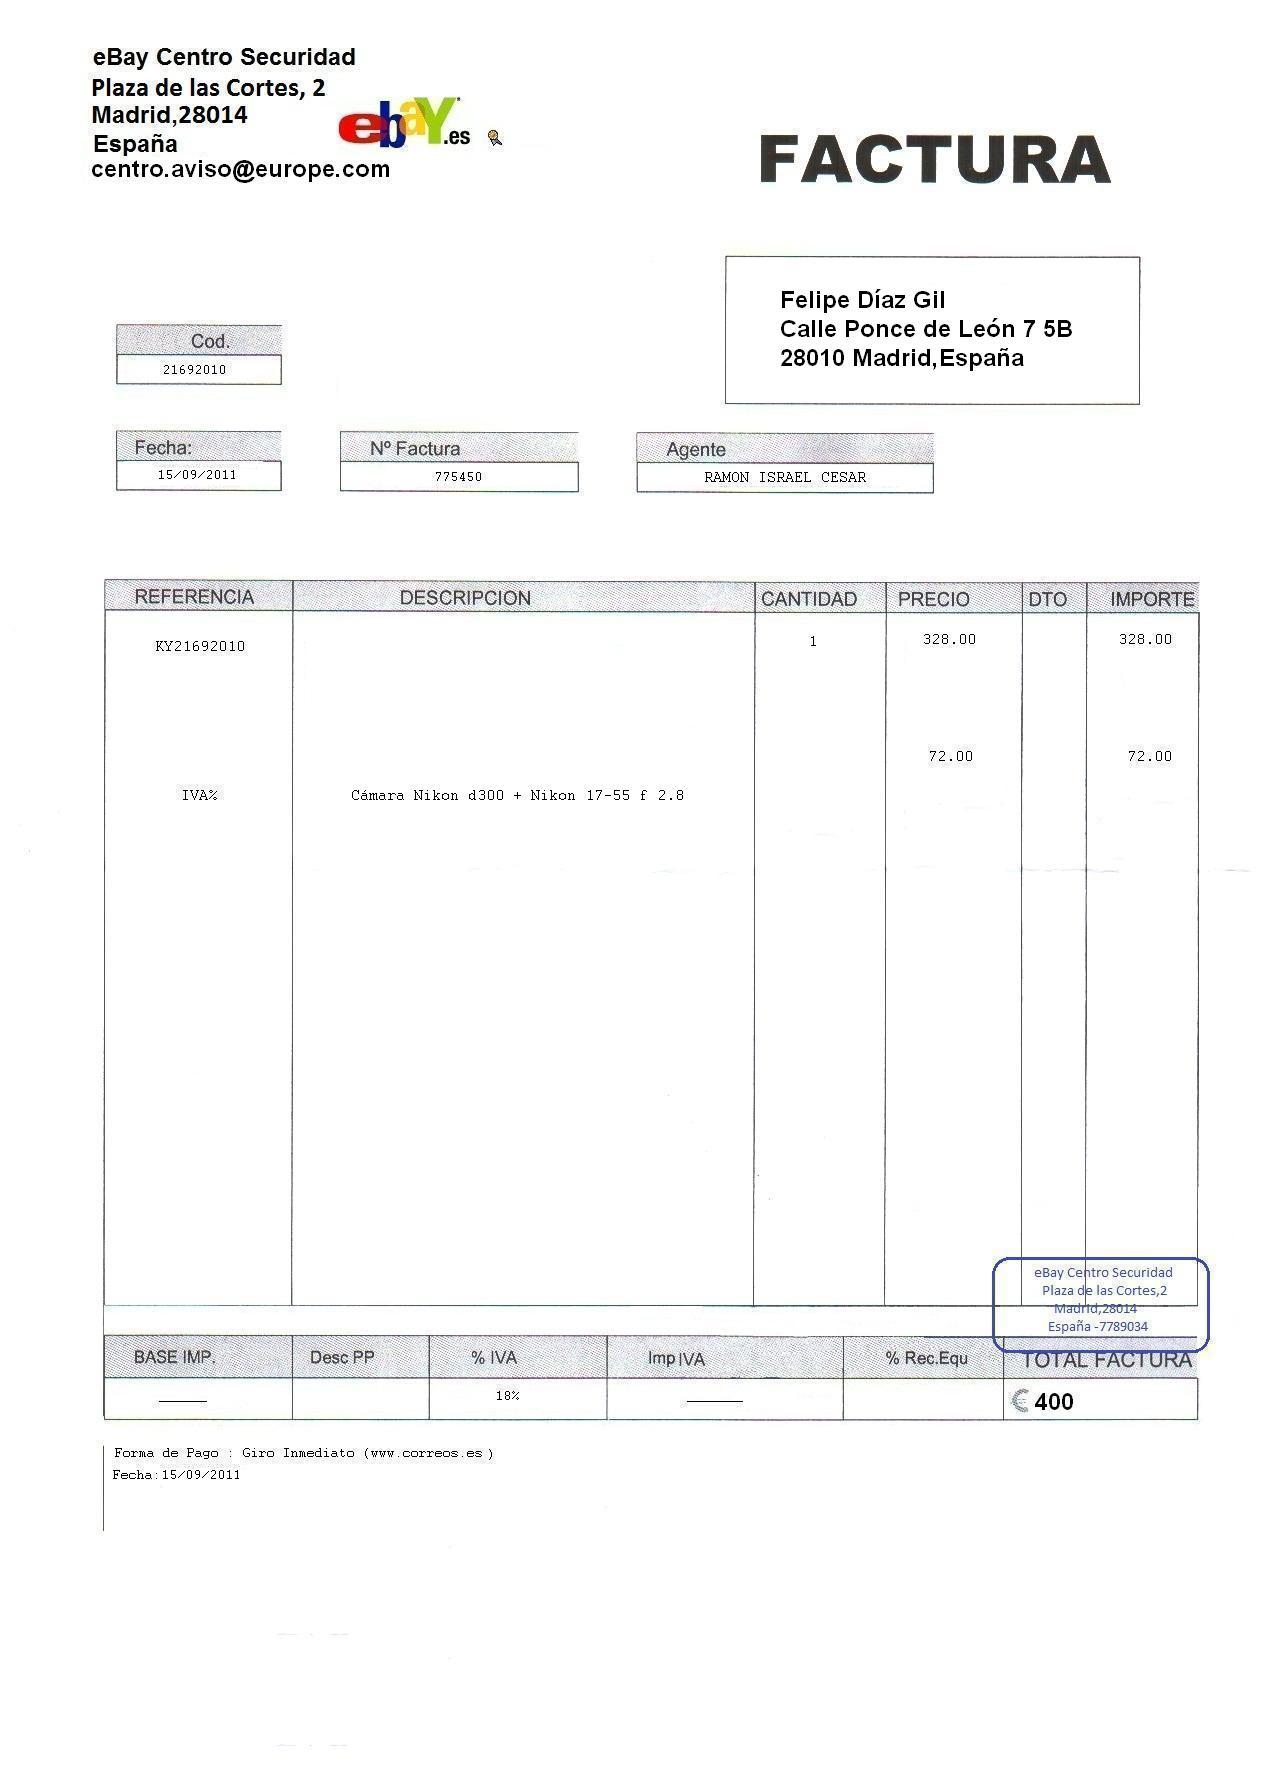 falsificar una factura: